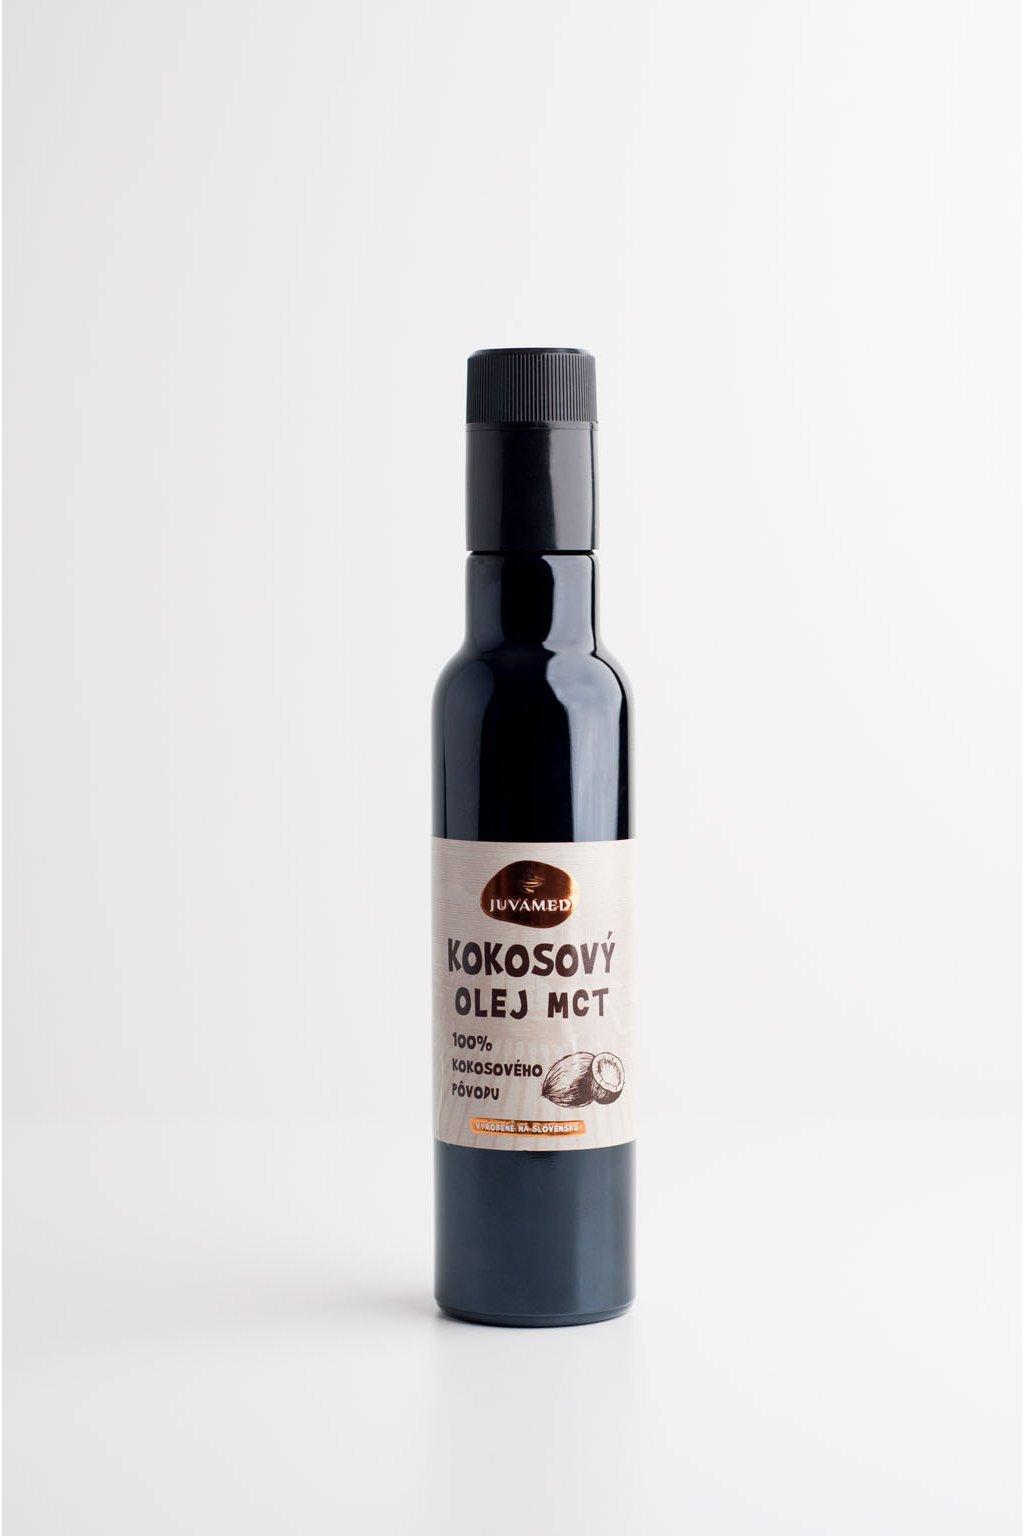 Kokosový olej MCT 100% - 0,25l